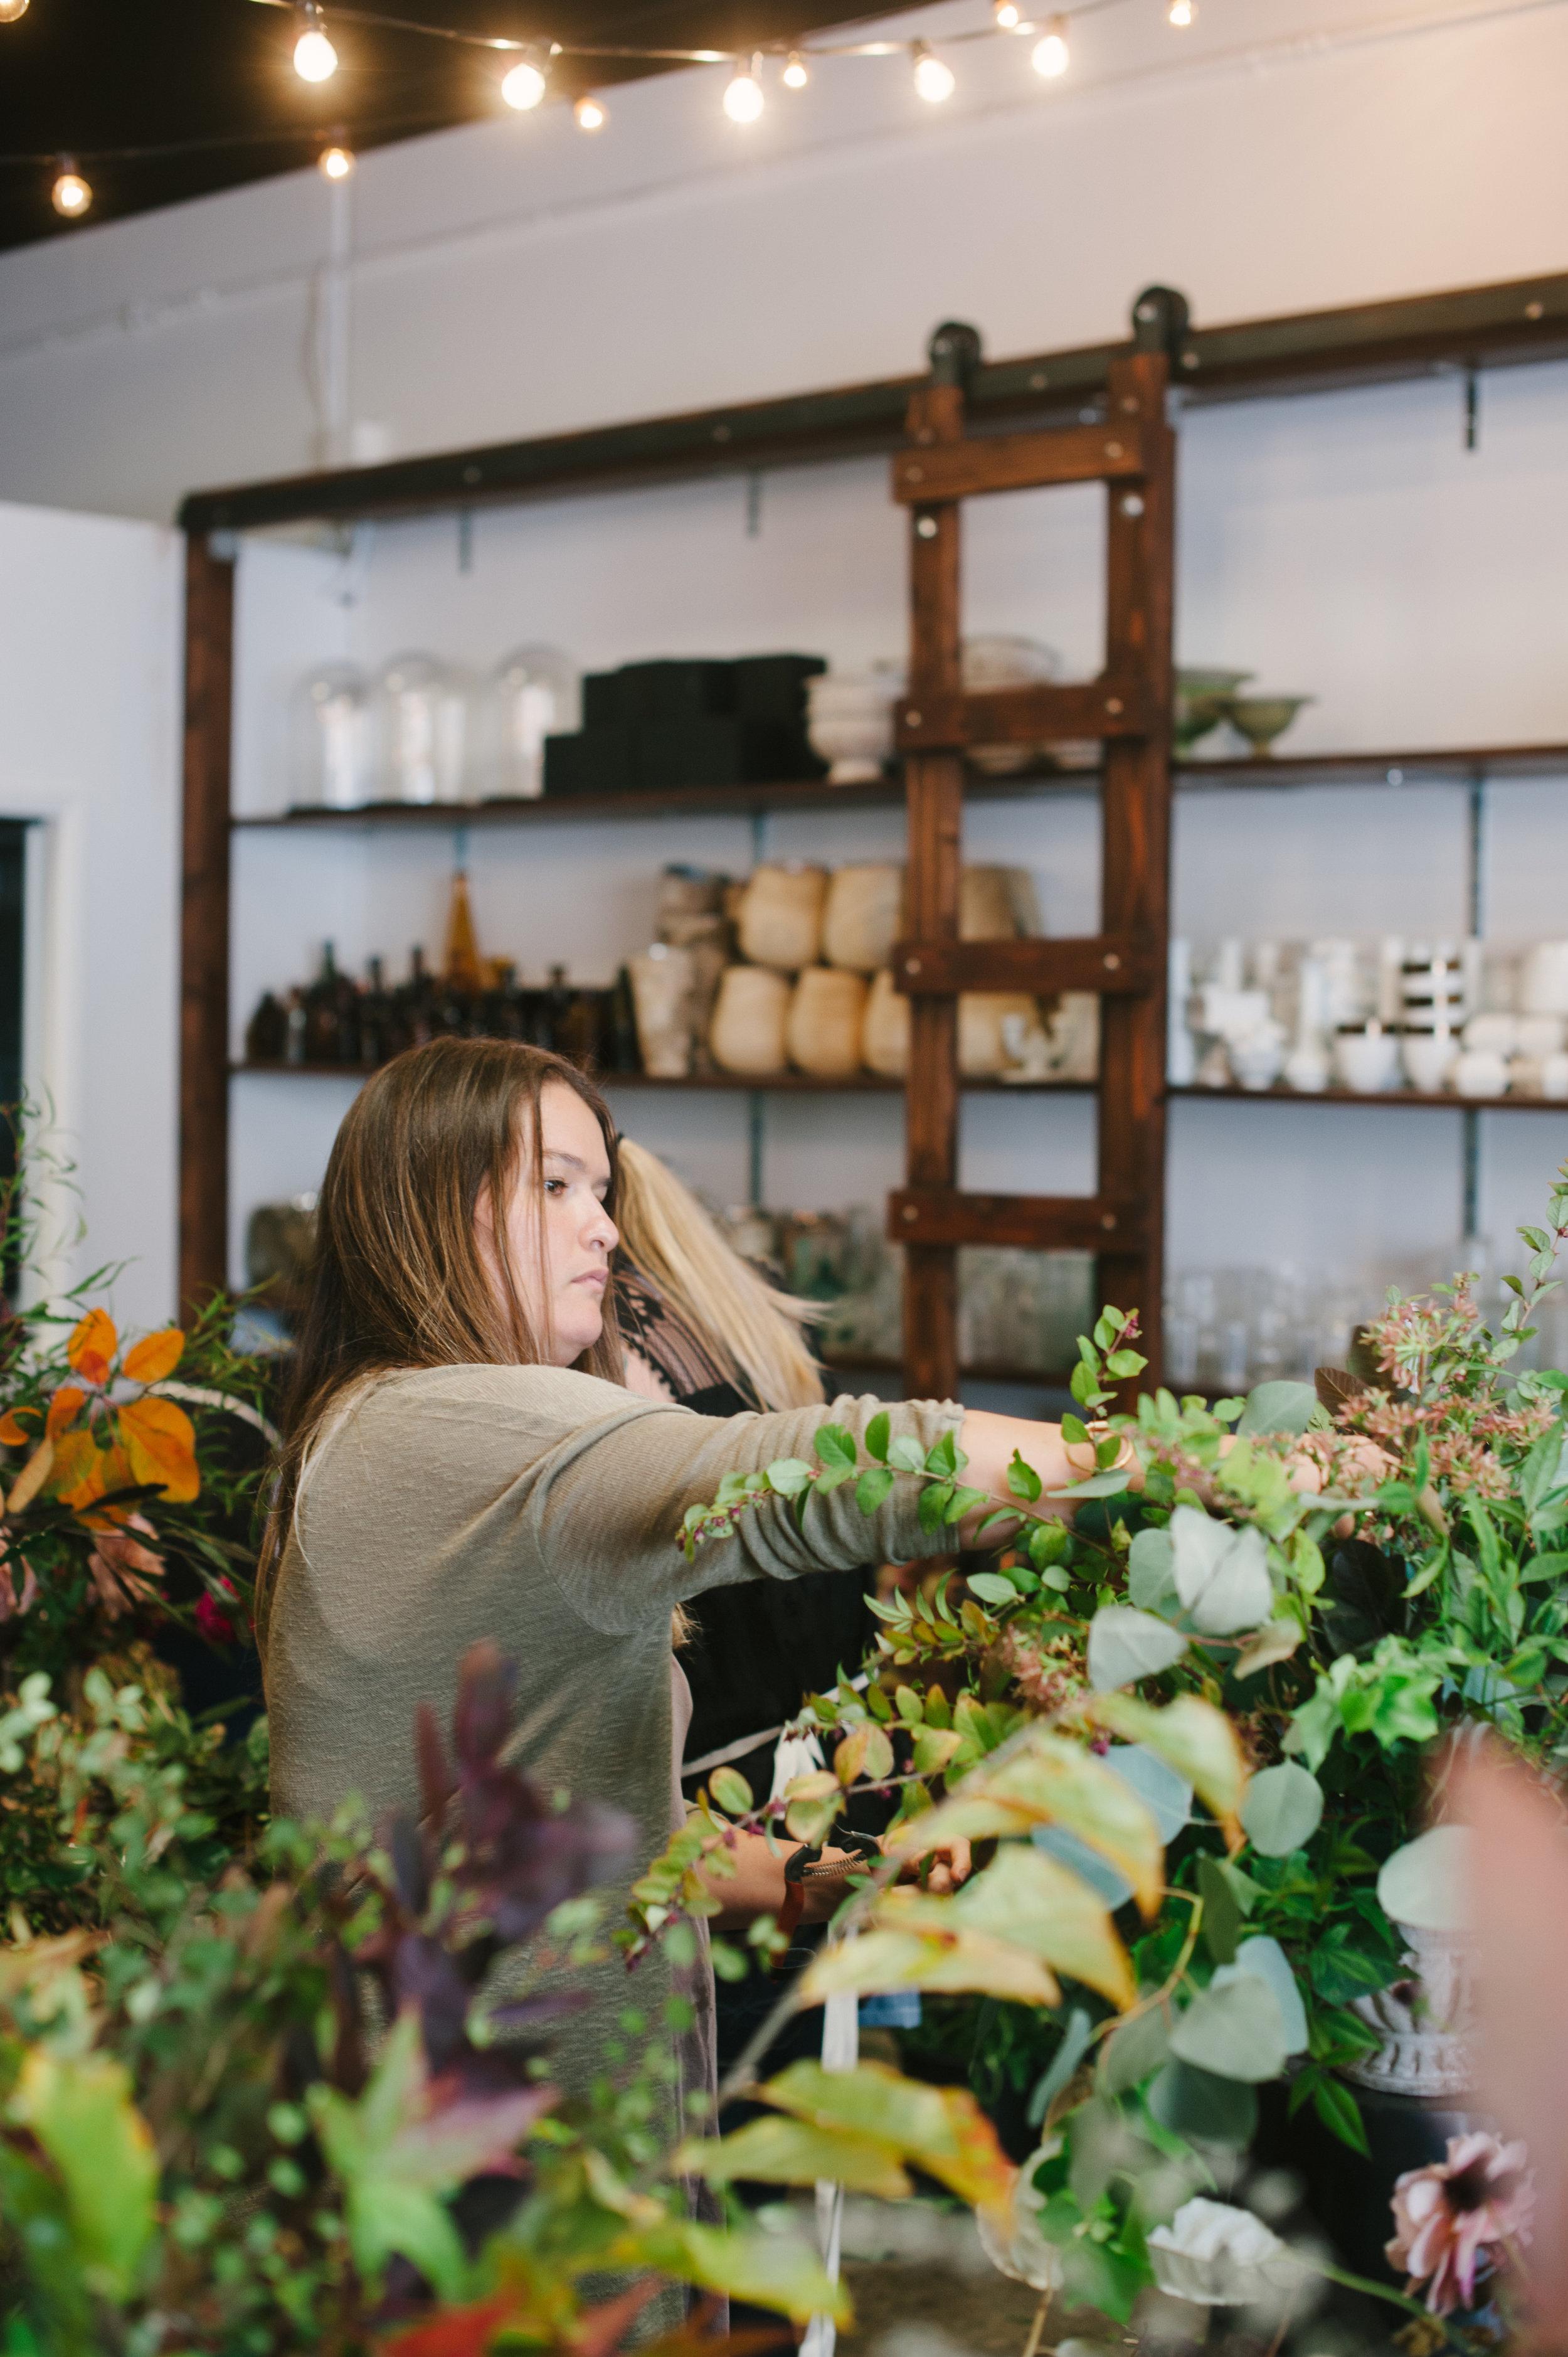 siren-floral-co-plenty-of-petals-romantik-floral-centerpiece-workshop-3.jpg